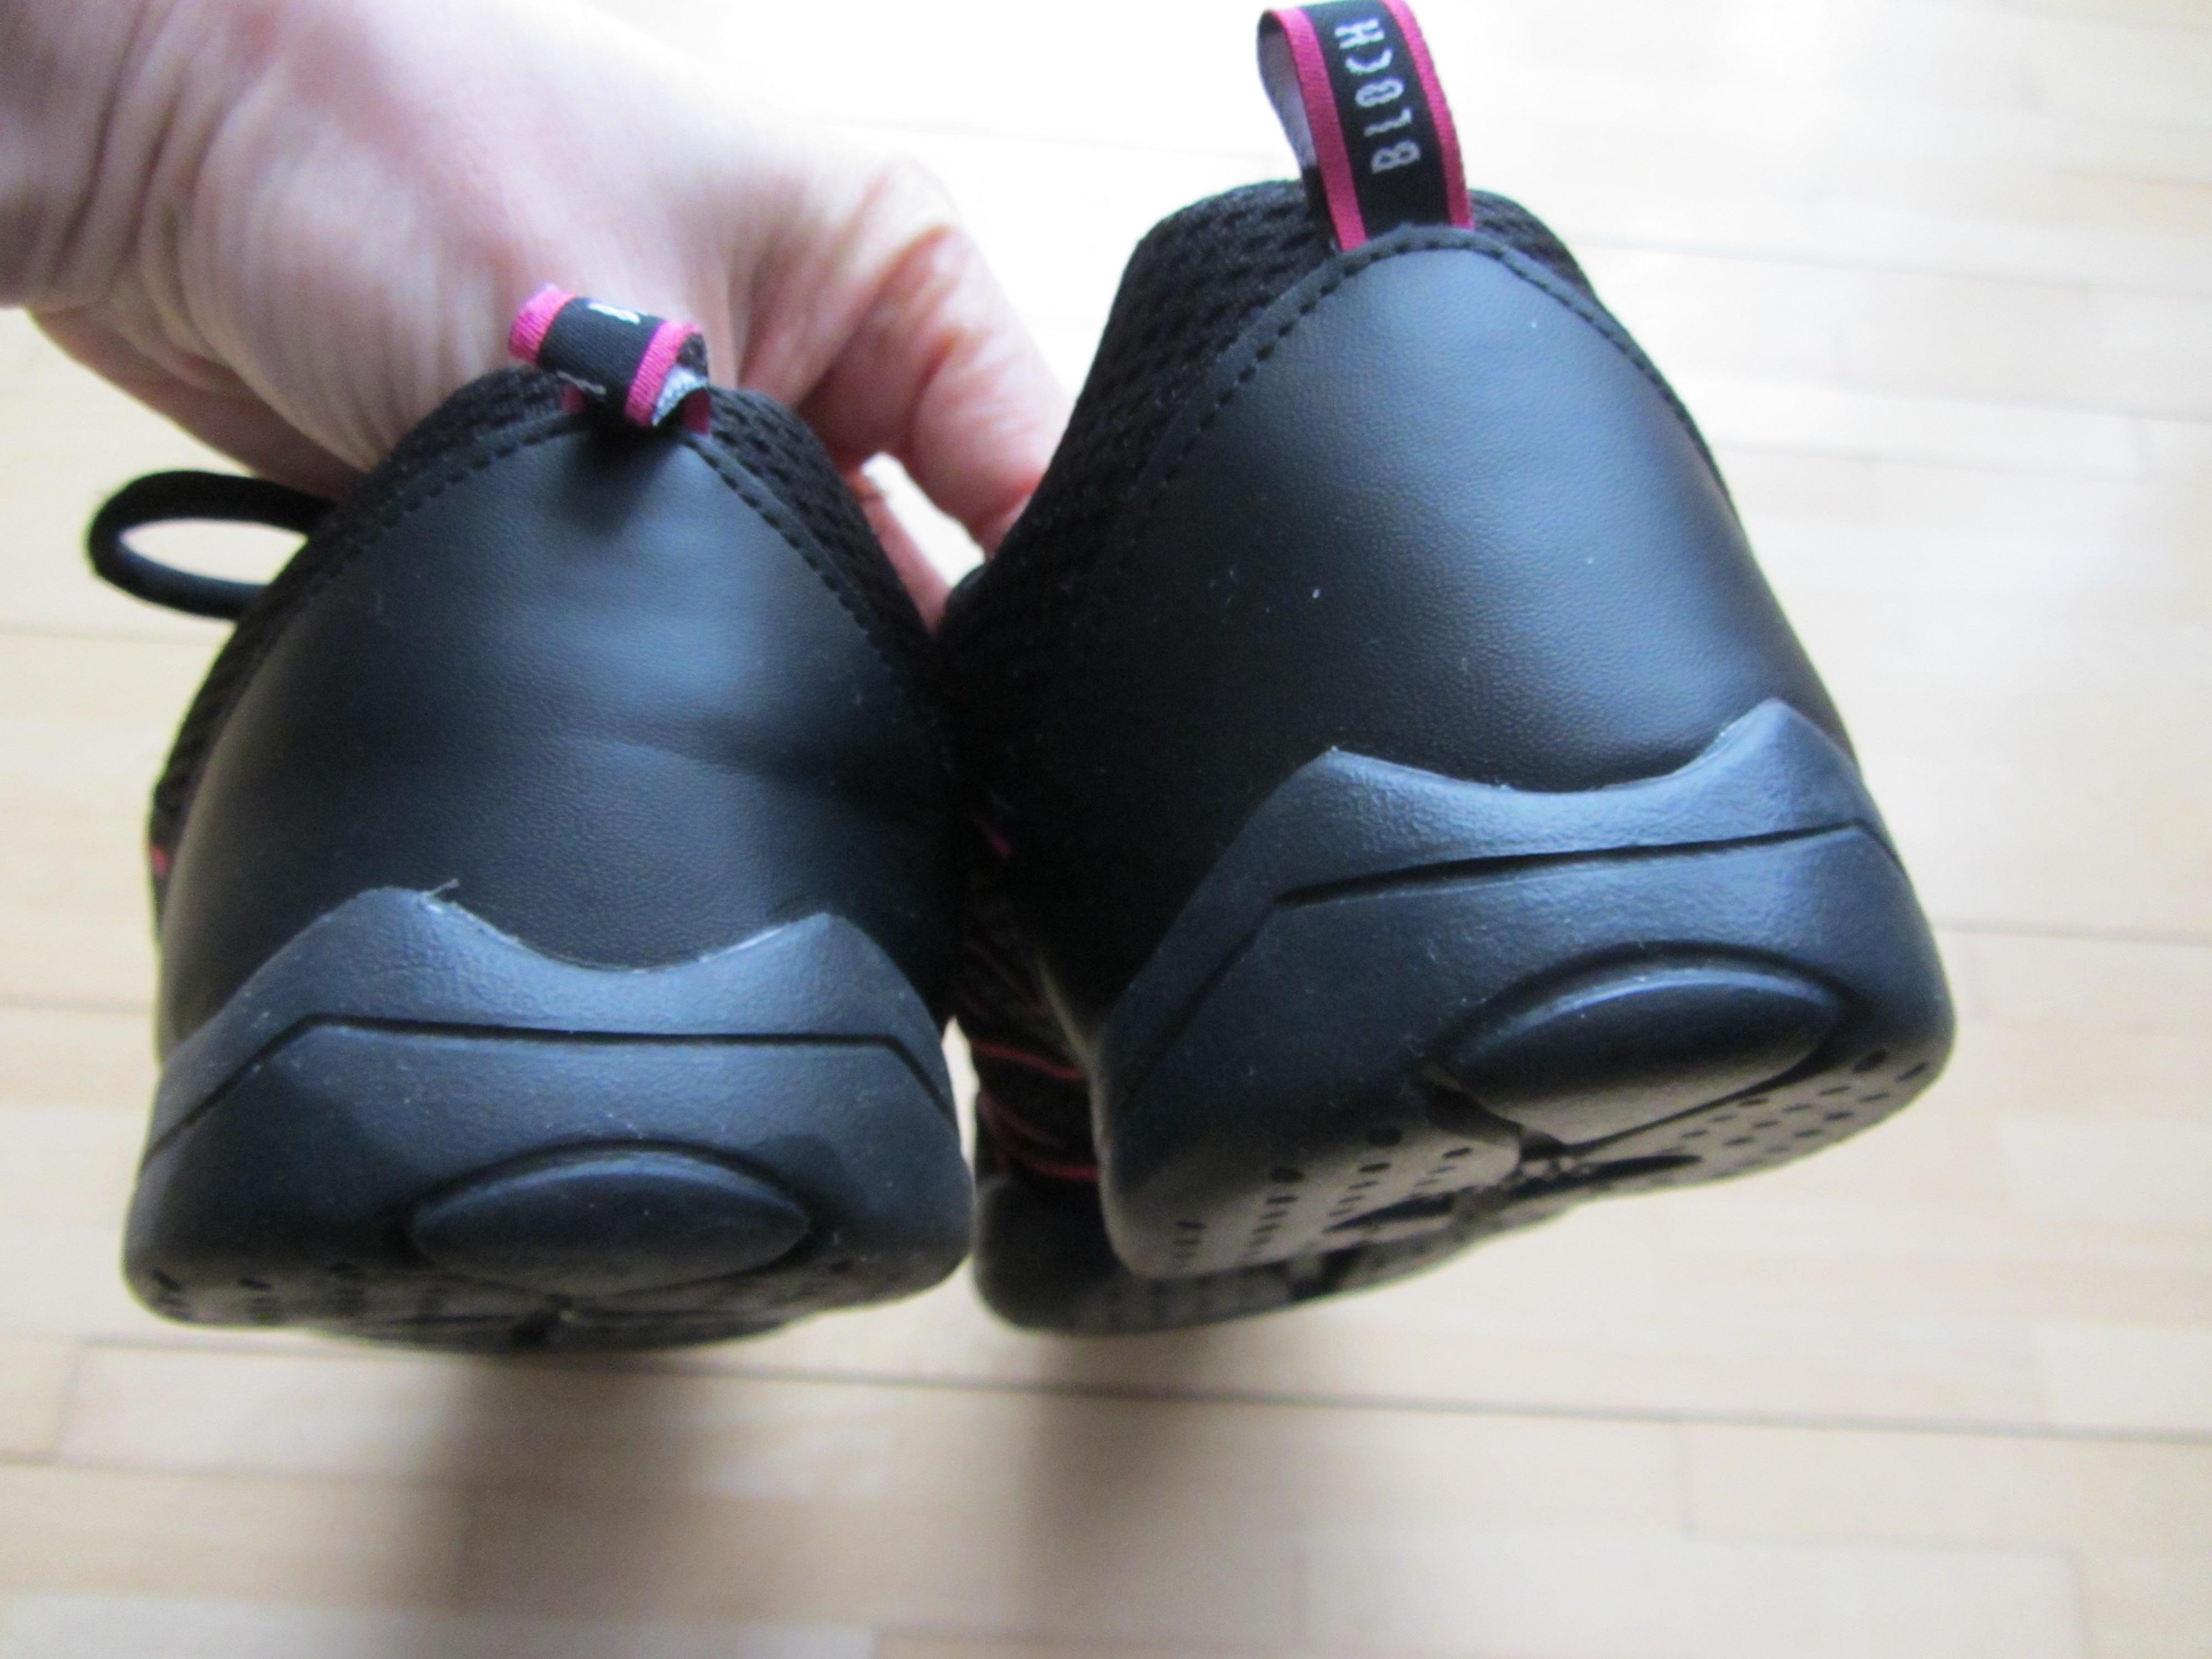 Bild Nummer 4 von Bloch Tanz Sneaker schwarz pink